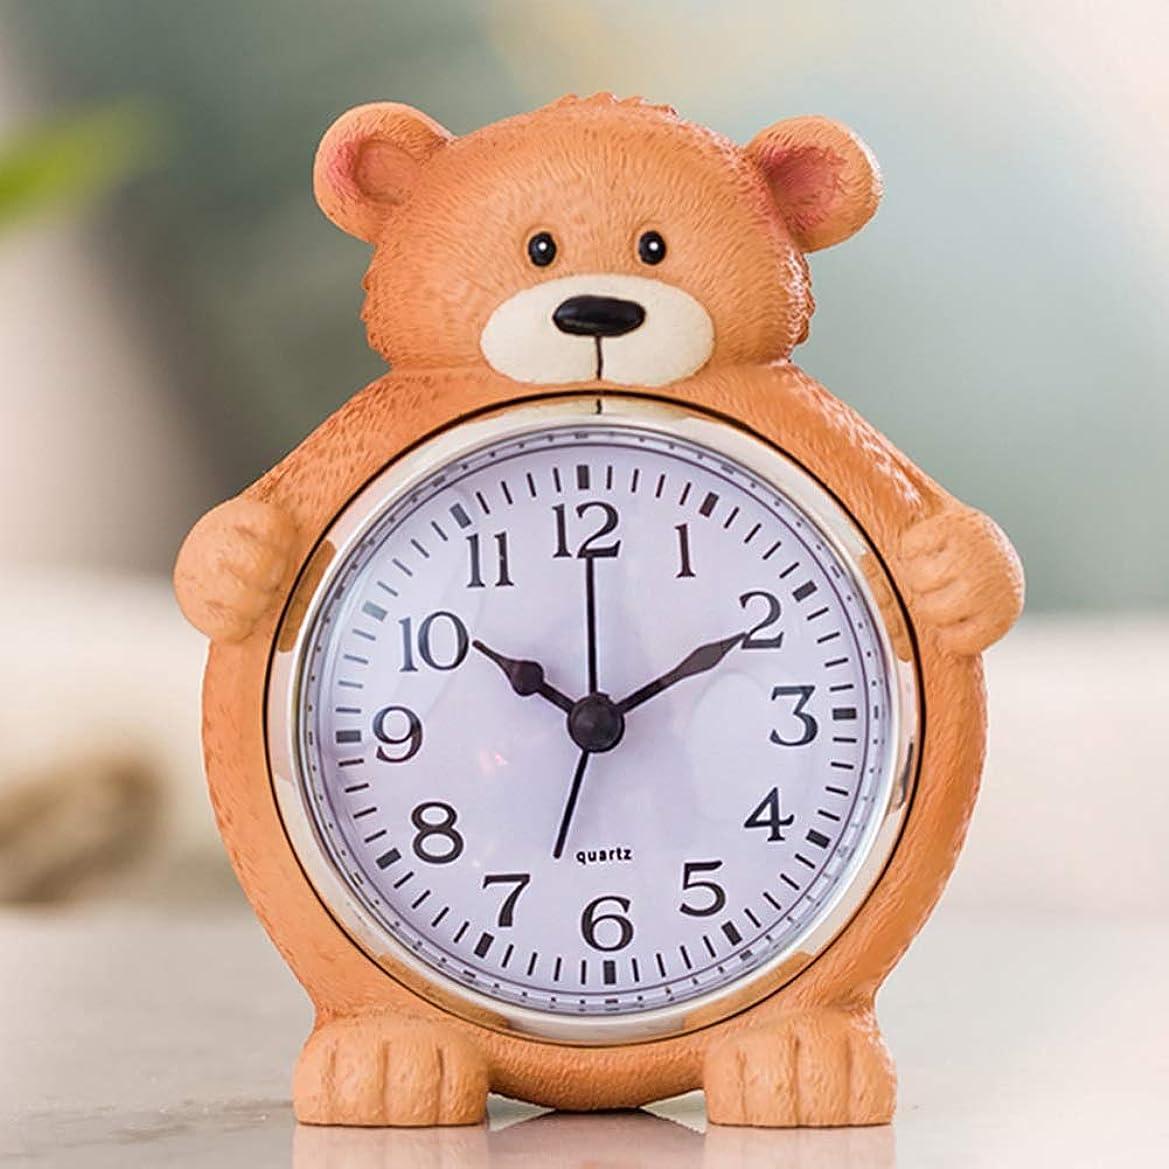 相互接続とにかく一致子供学生漫画動物の目覚まし時計ベッドサイドクロックかわいいクリエイティブデスクアラーム寝室のリビングルームのデスクトップの時計,Raccoonn